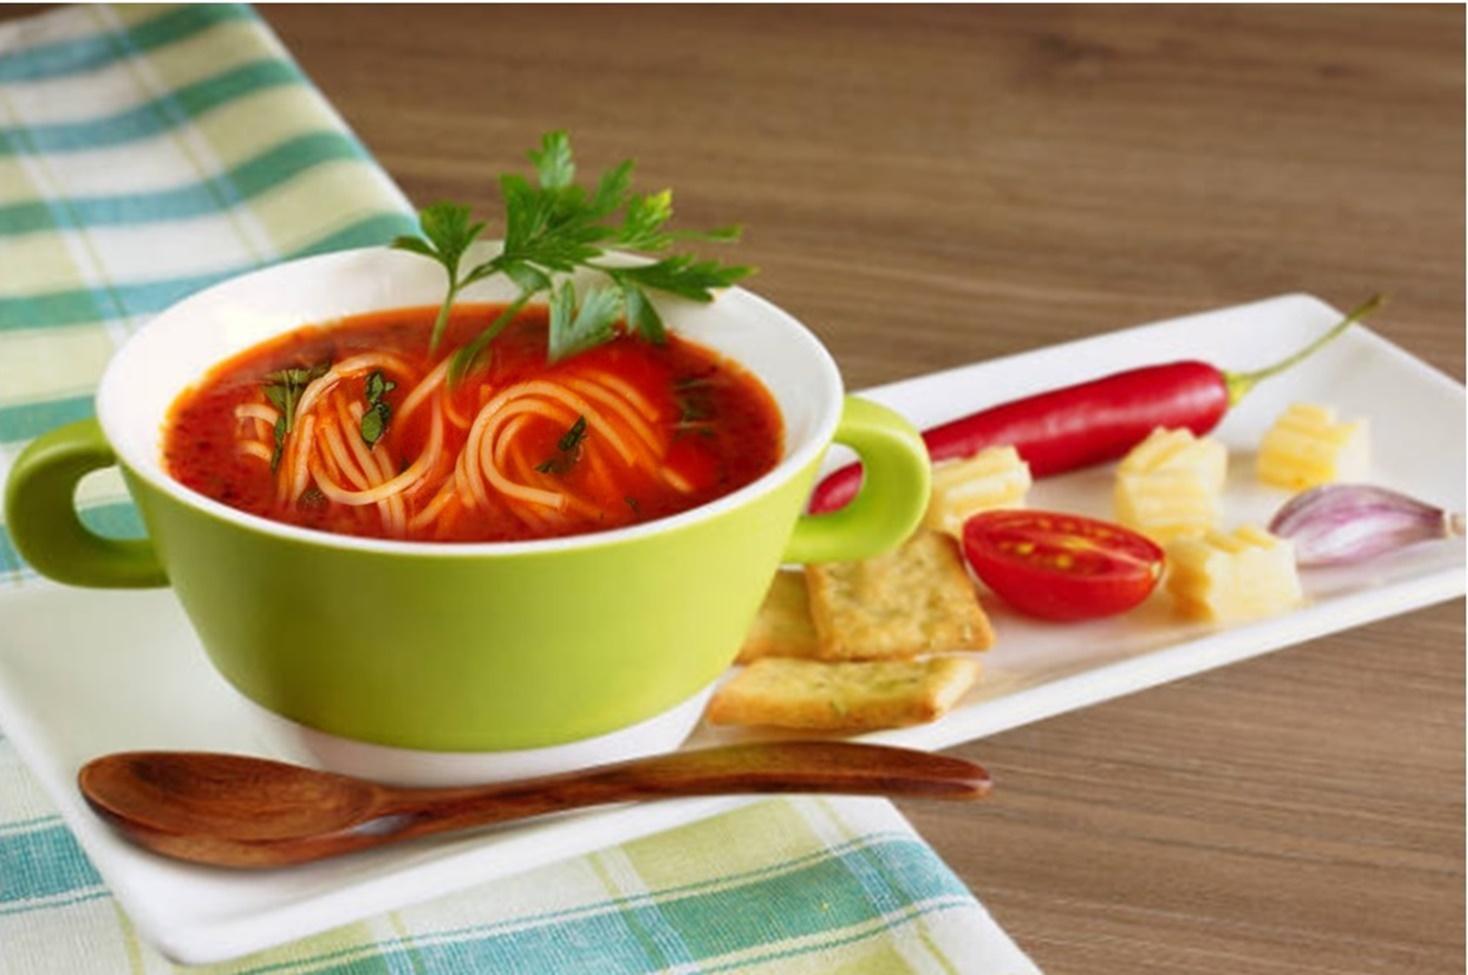 Supă de roșii cu fidea. Rețeta simplă de răcorire a românilor pentru căldura de afară